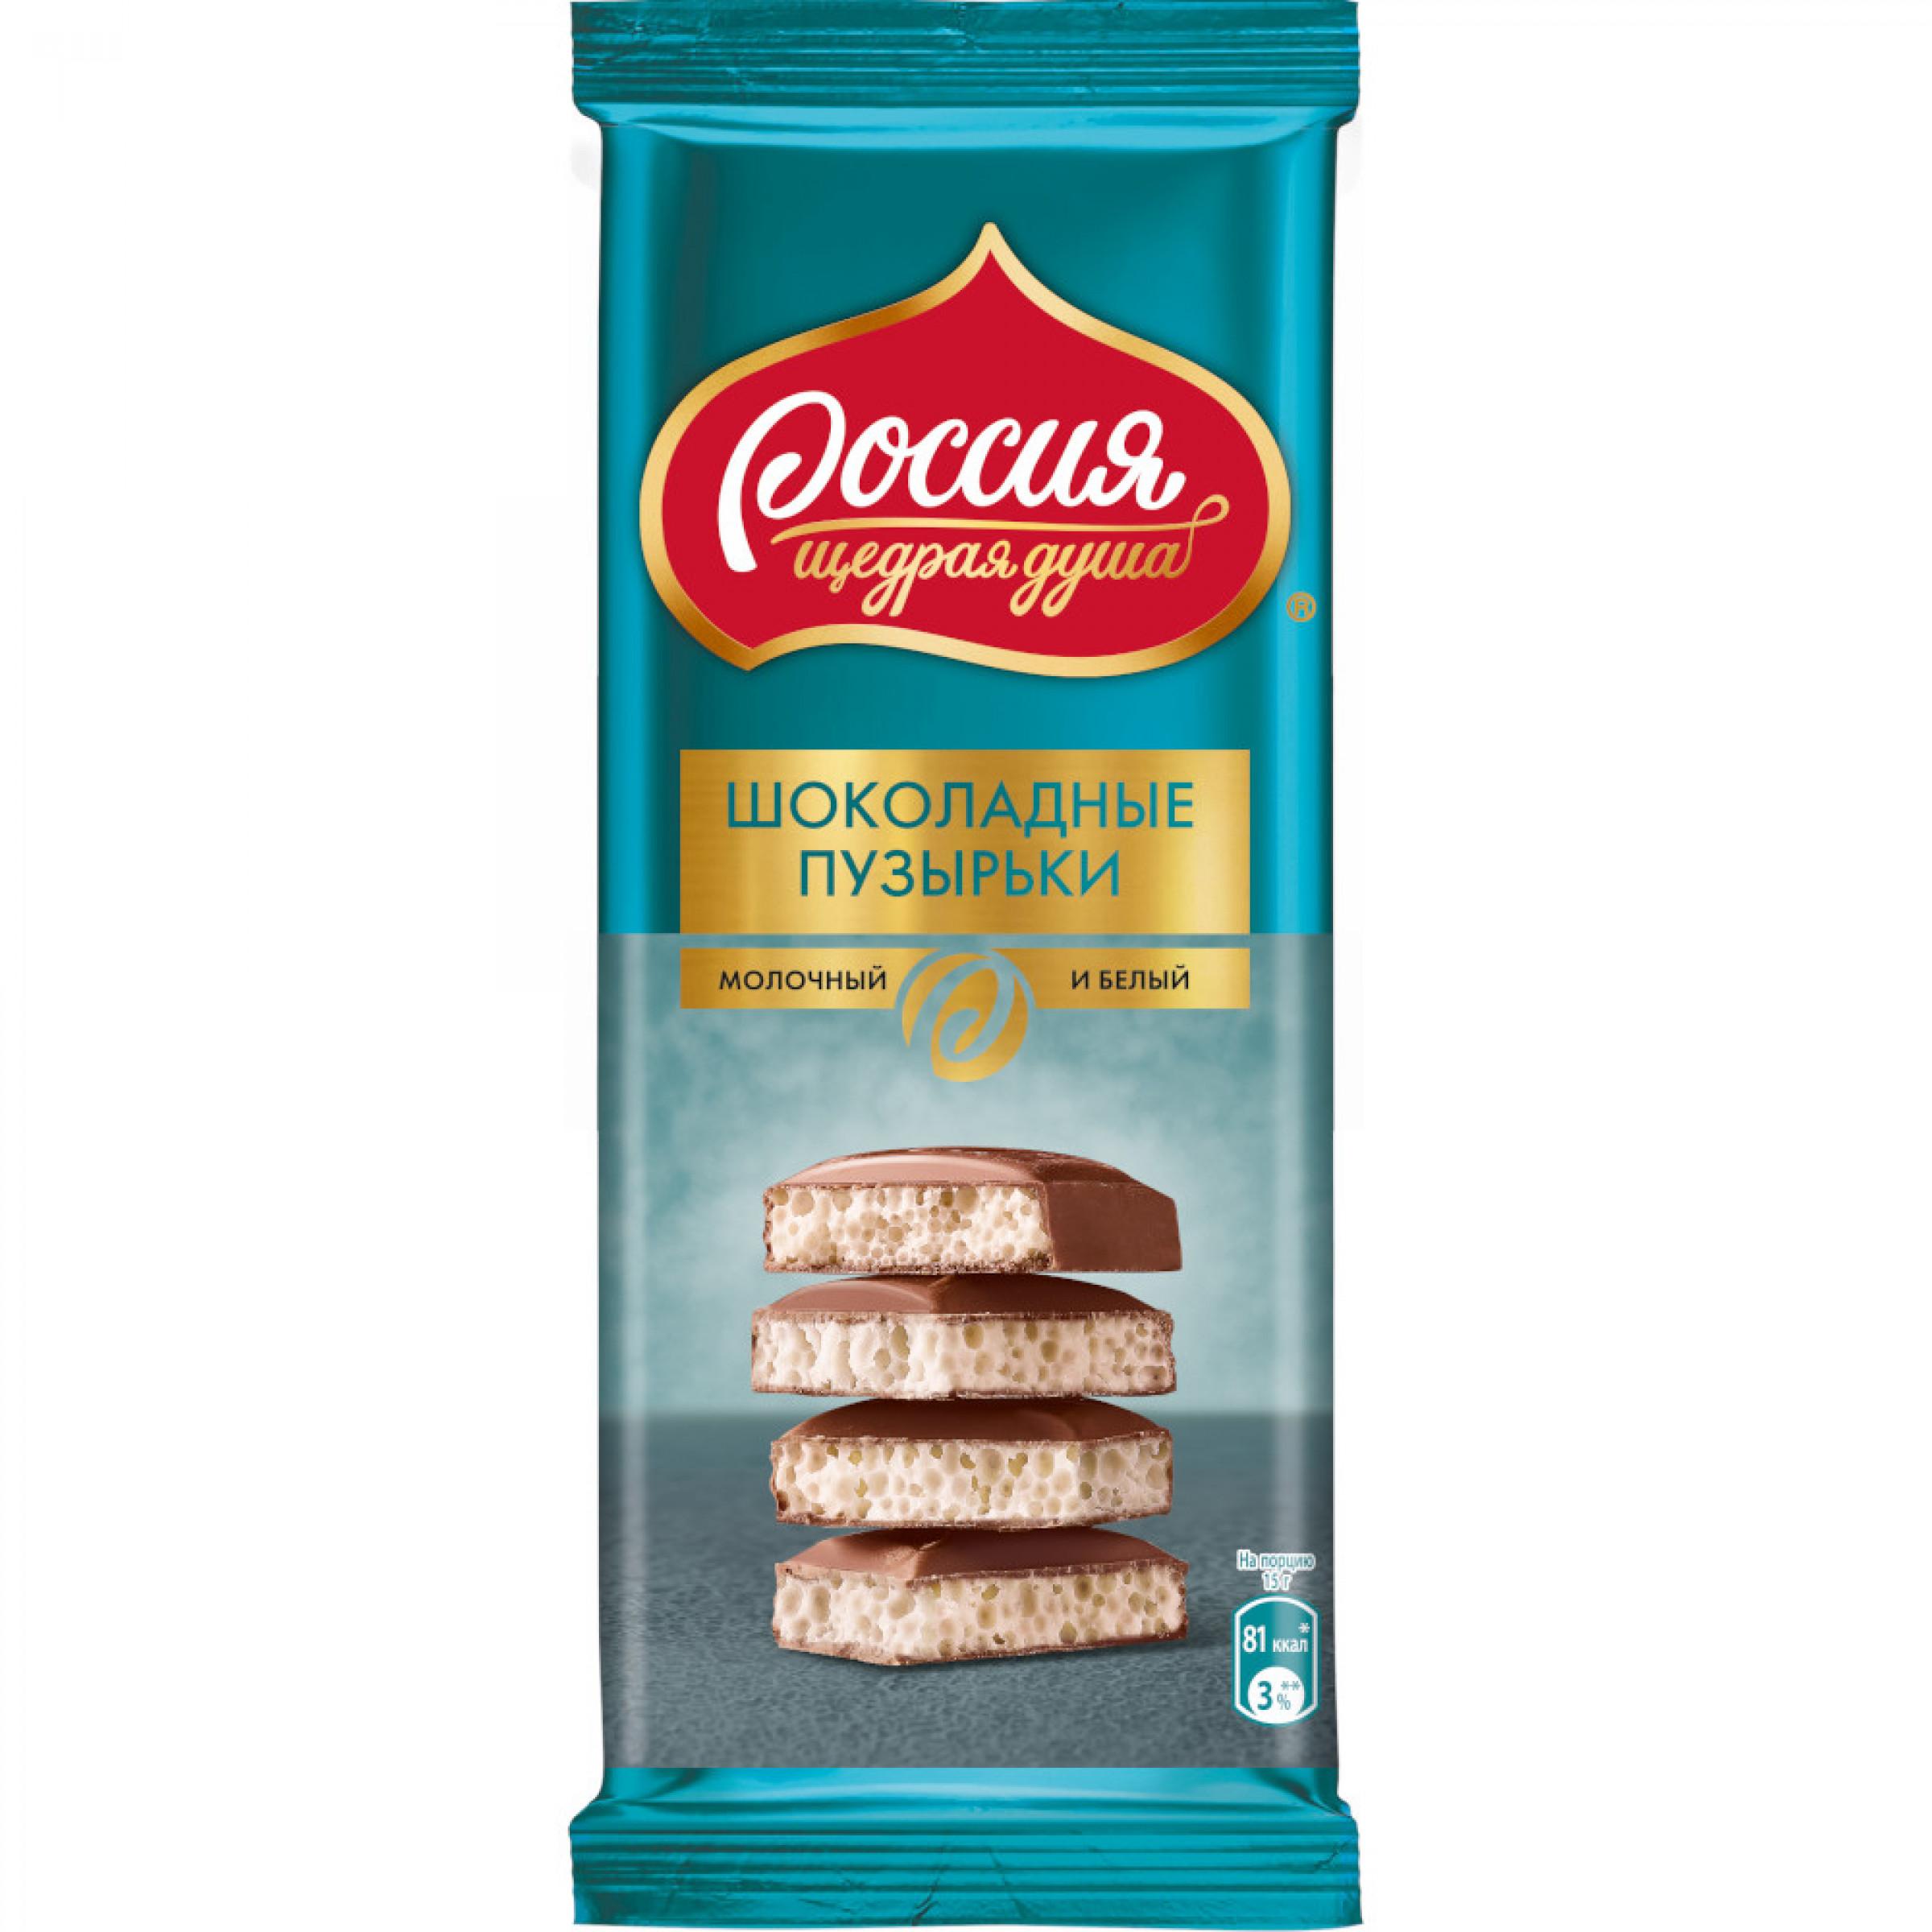 """Шоколад """"Россия - щедрая душа!"""" белый и молочный пористый, 75 г"""